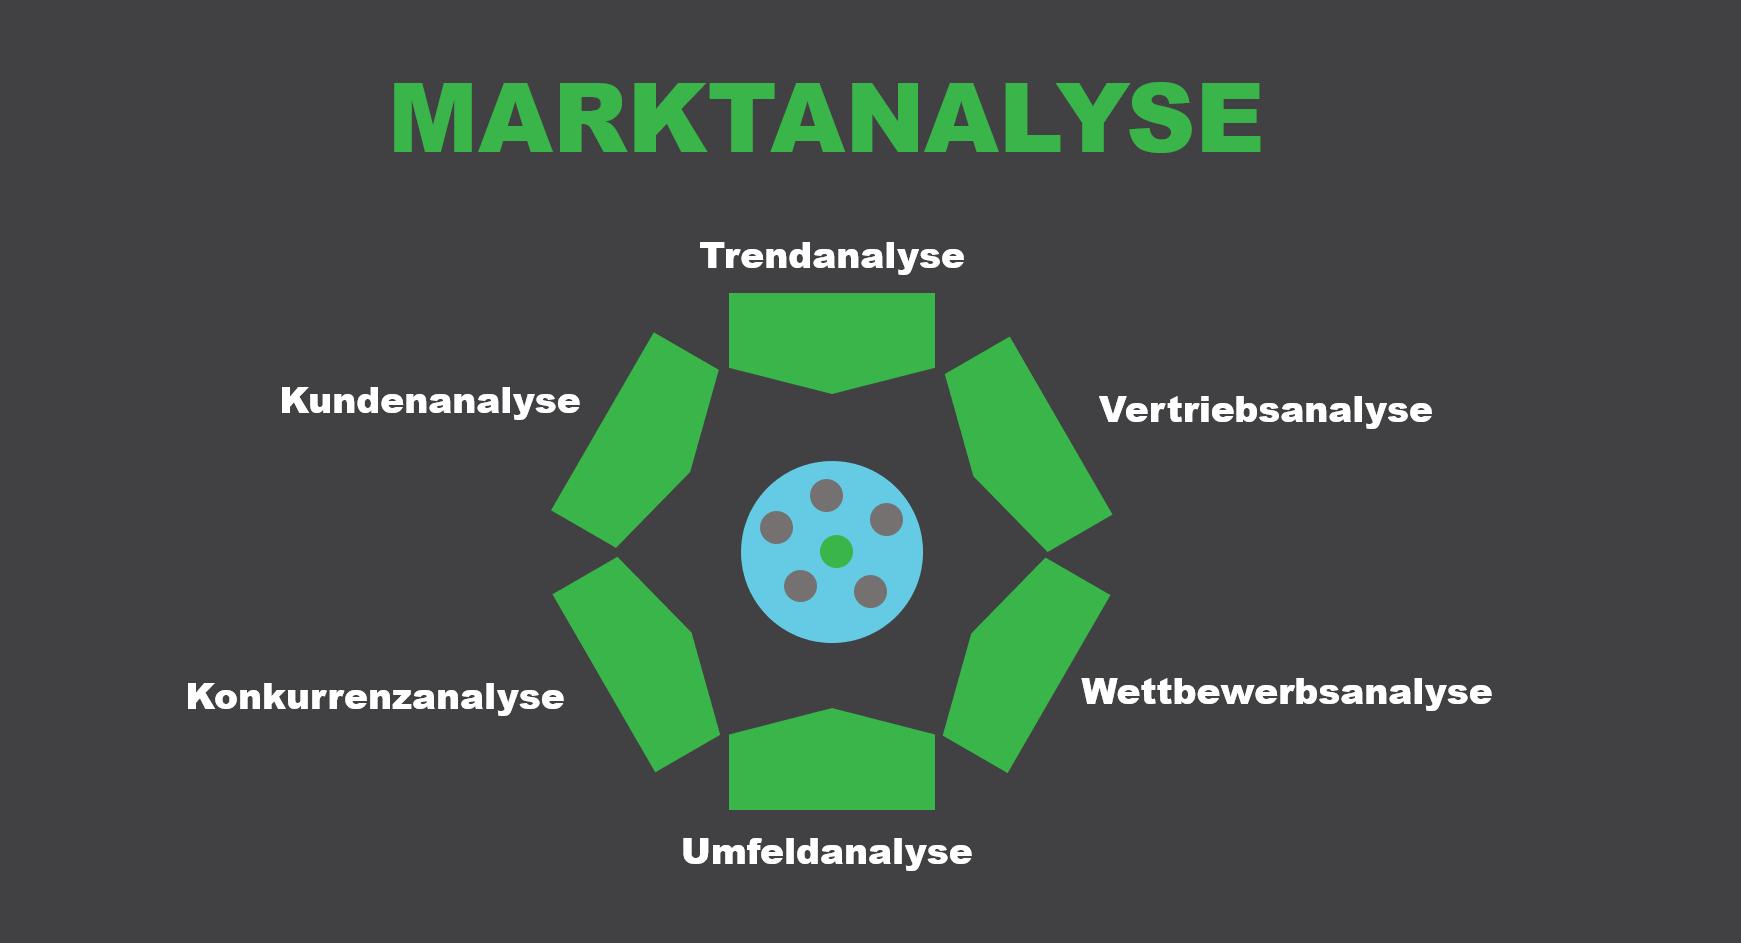 Marktanalyse Übersicht